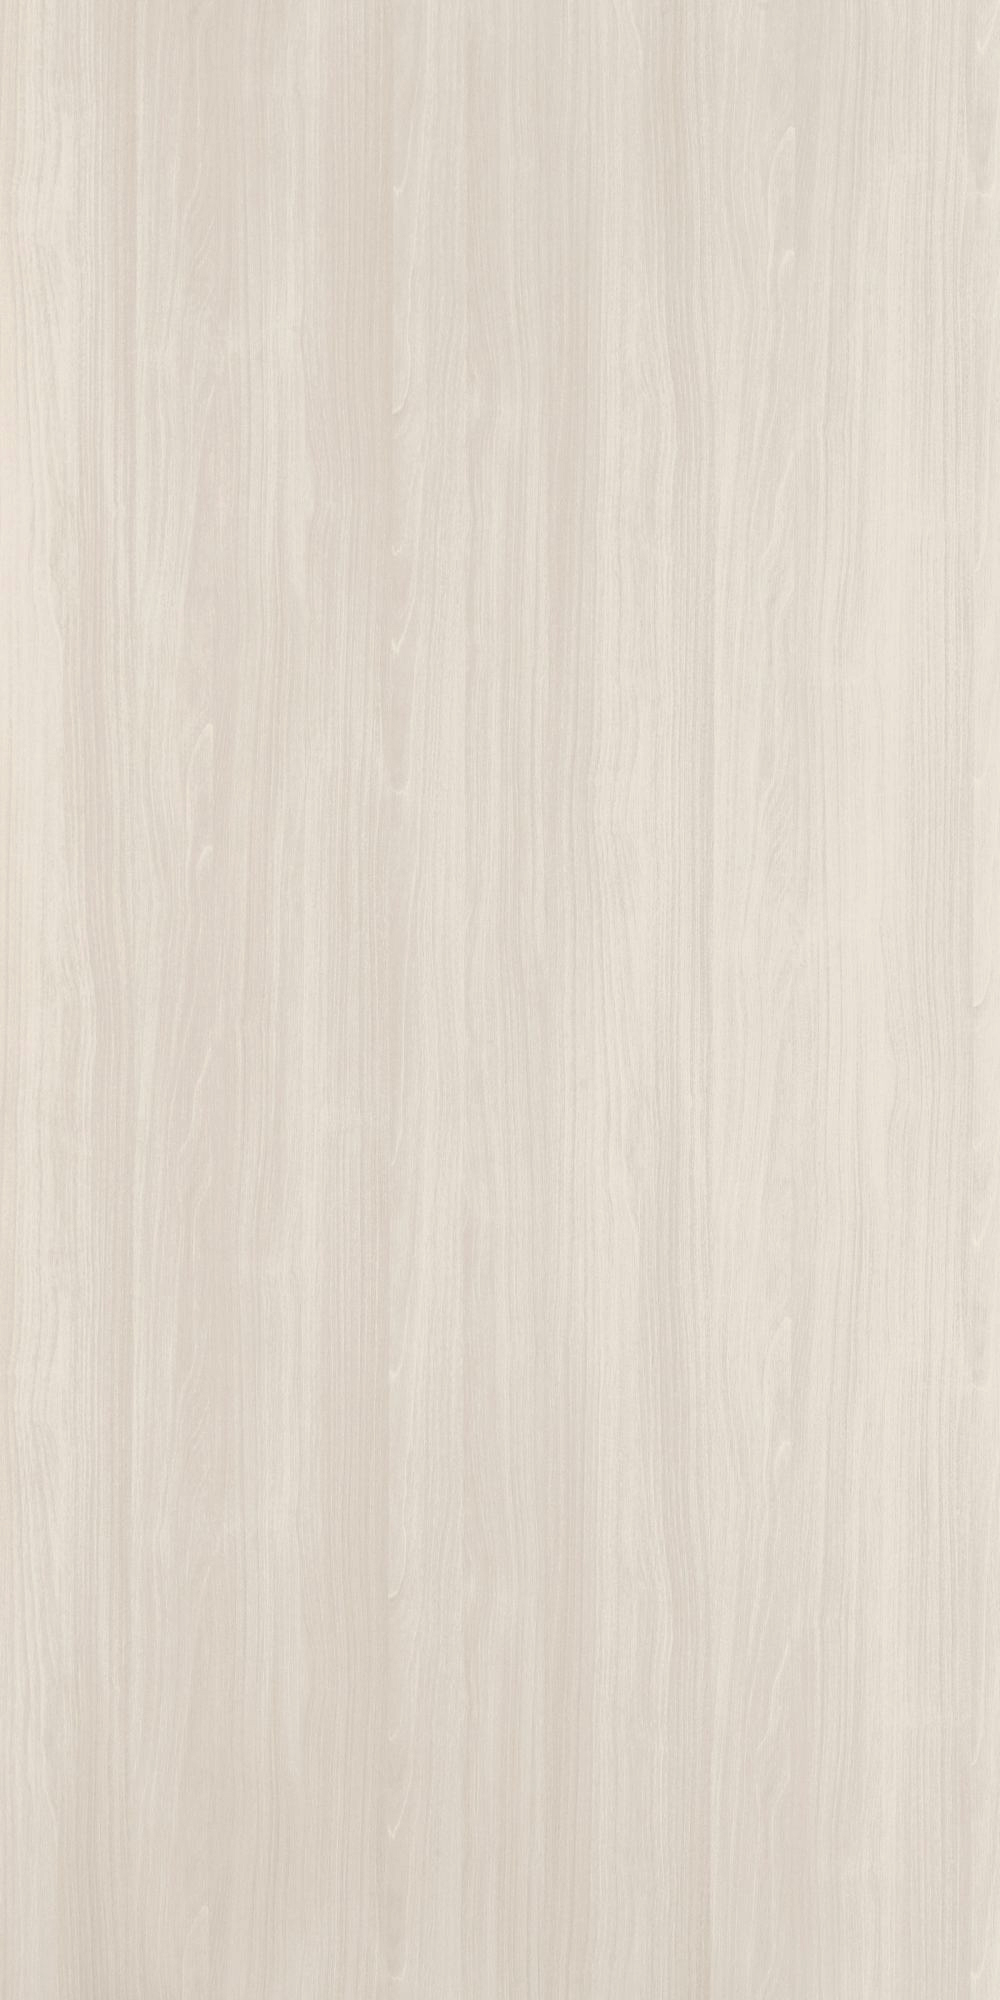 BWM 8423 WM - Kallisto Maple High Pressure Laminate